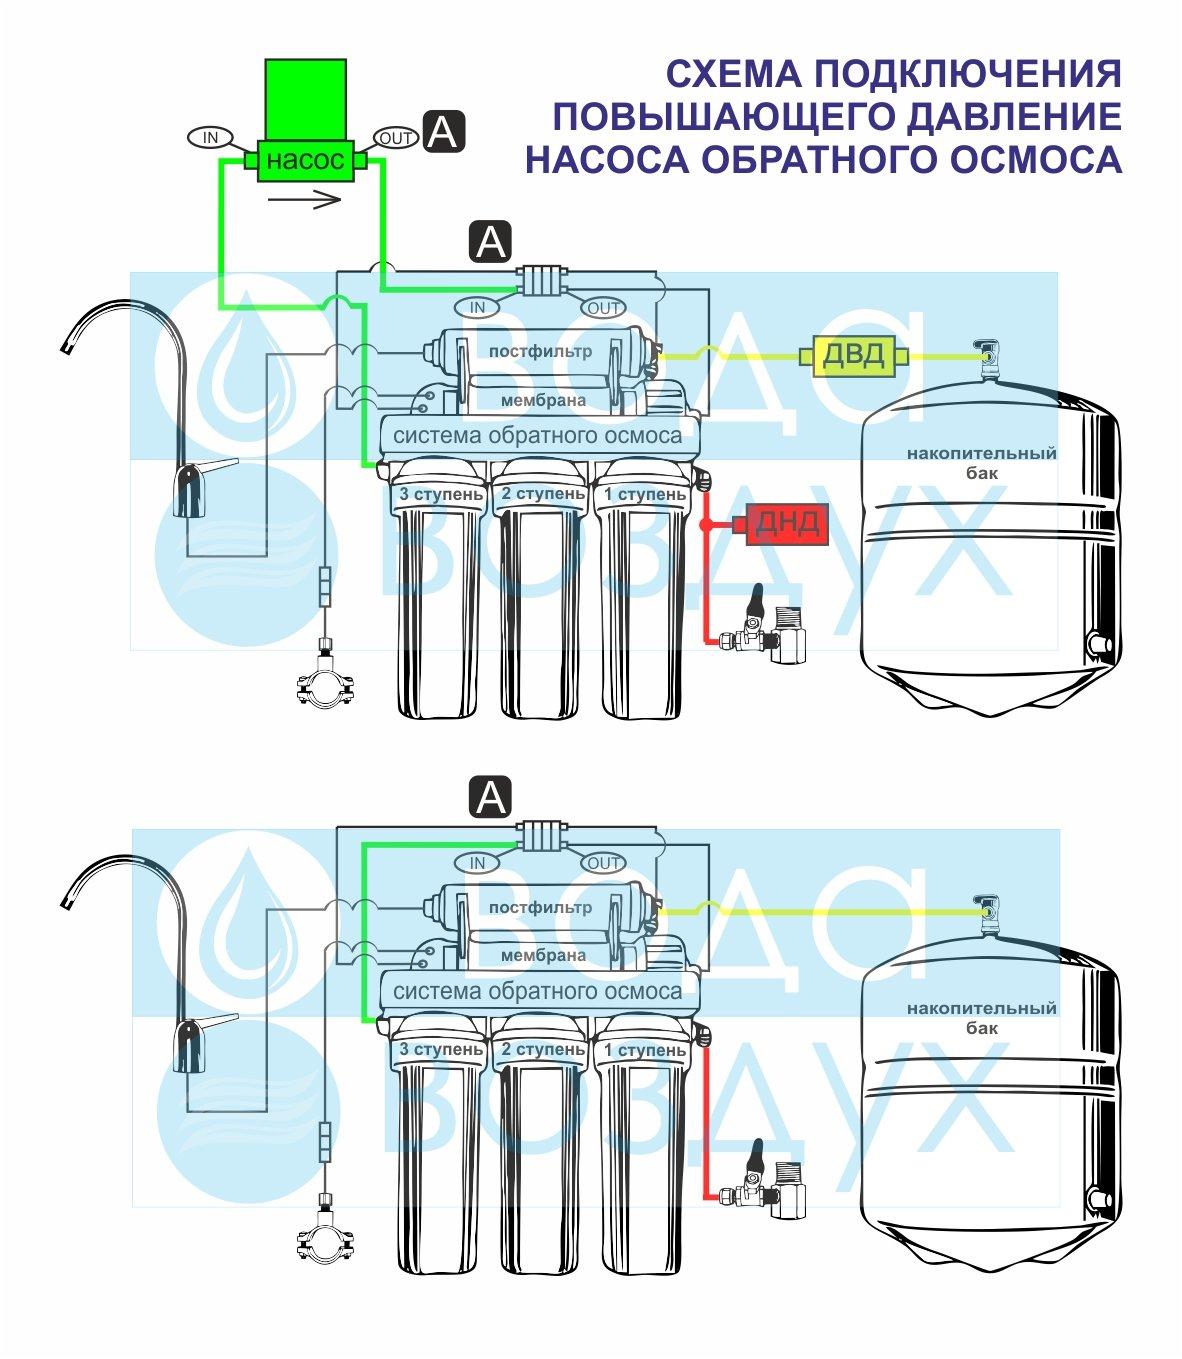 схема подключения помпы (насоса) к обратному осмосу.